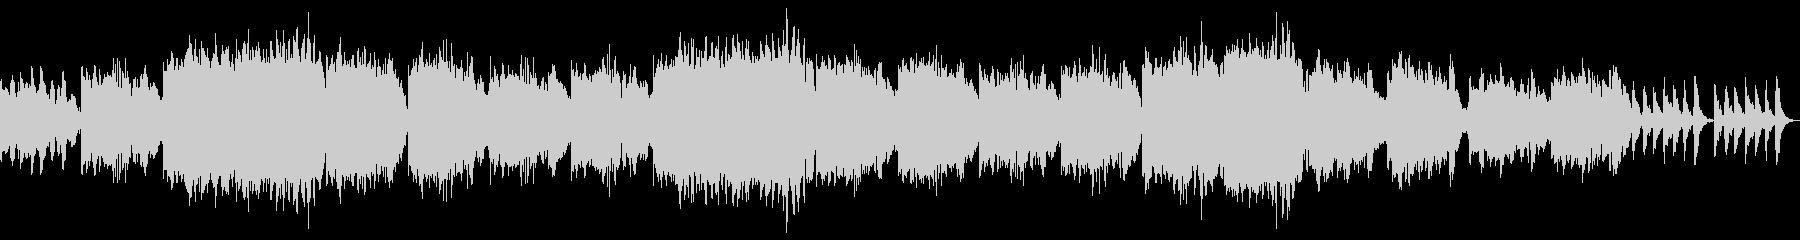 チェロメインの優雅なクラシカルBGMの未再生の波形